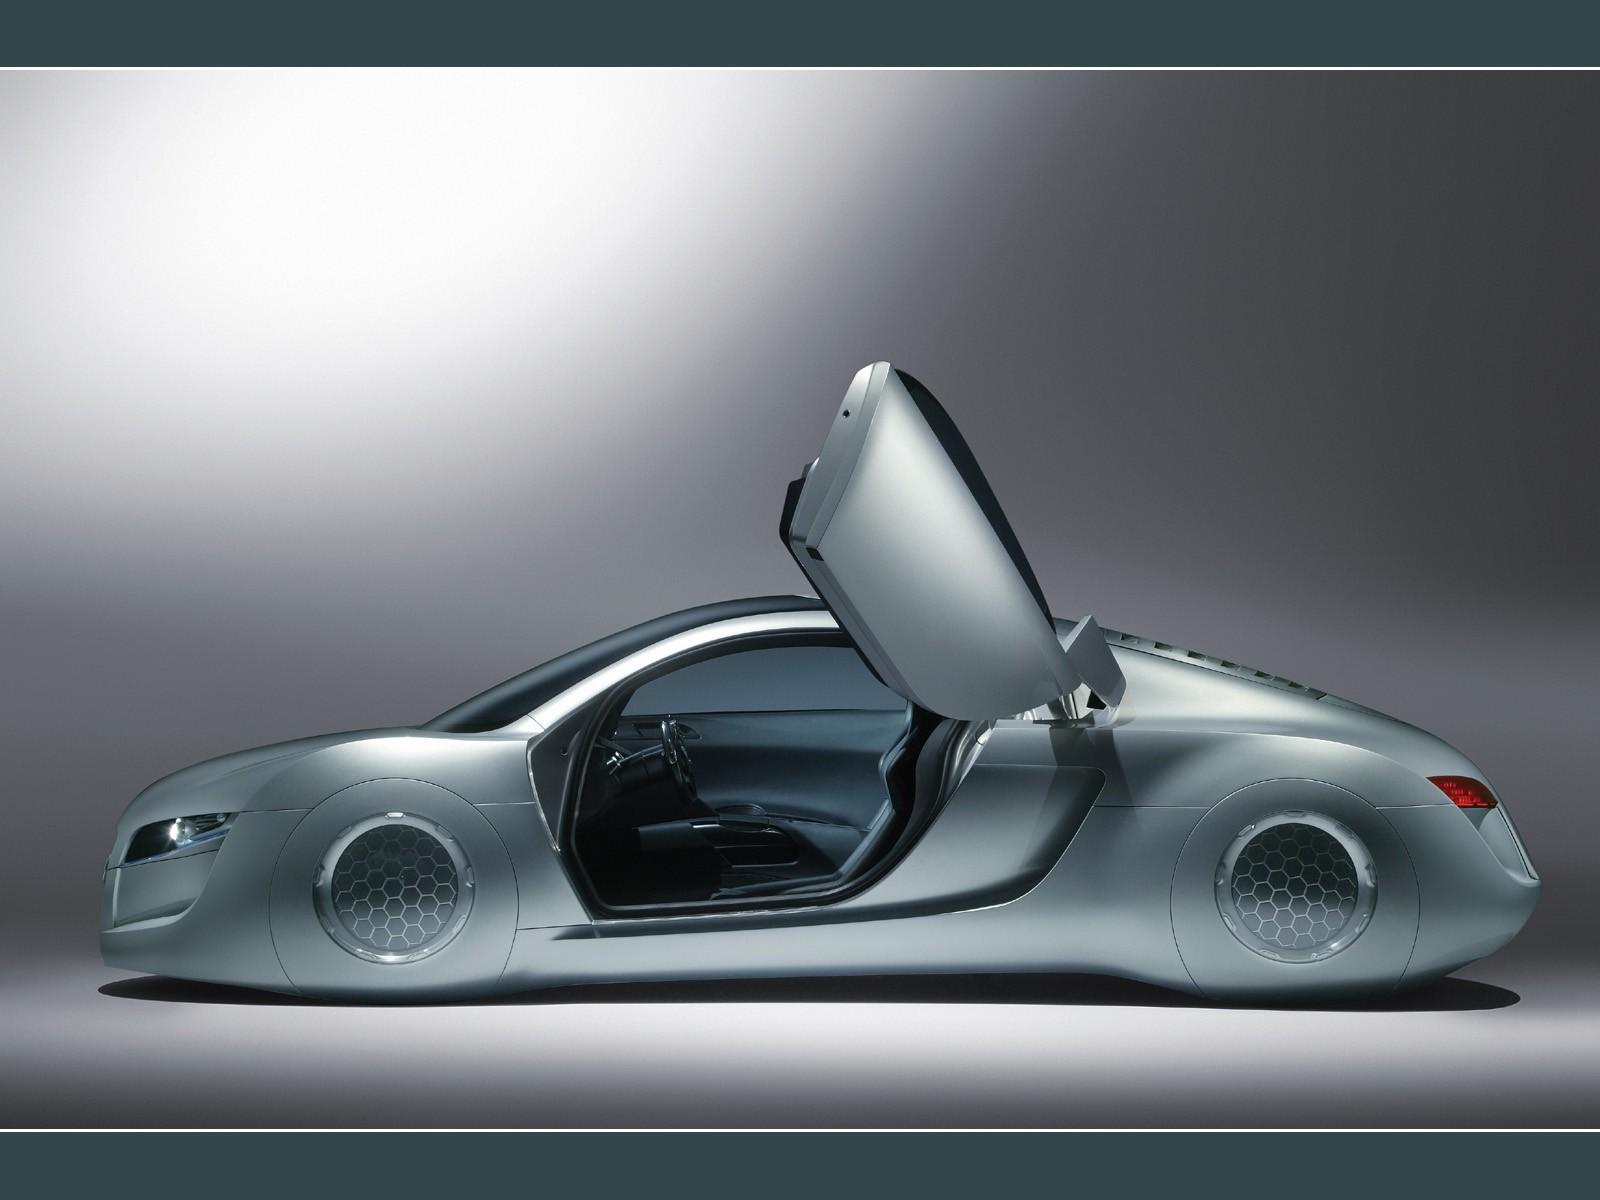 Showroom Audi Concept Car I Robot Walllpaper